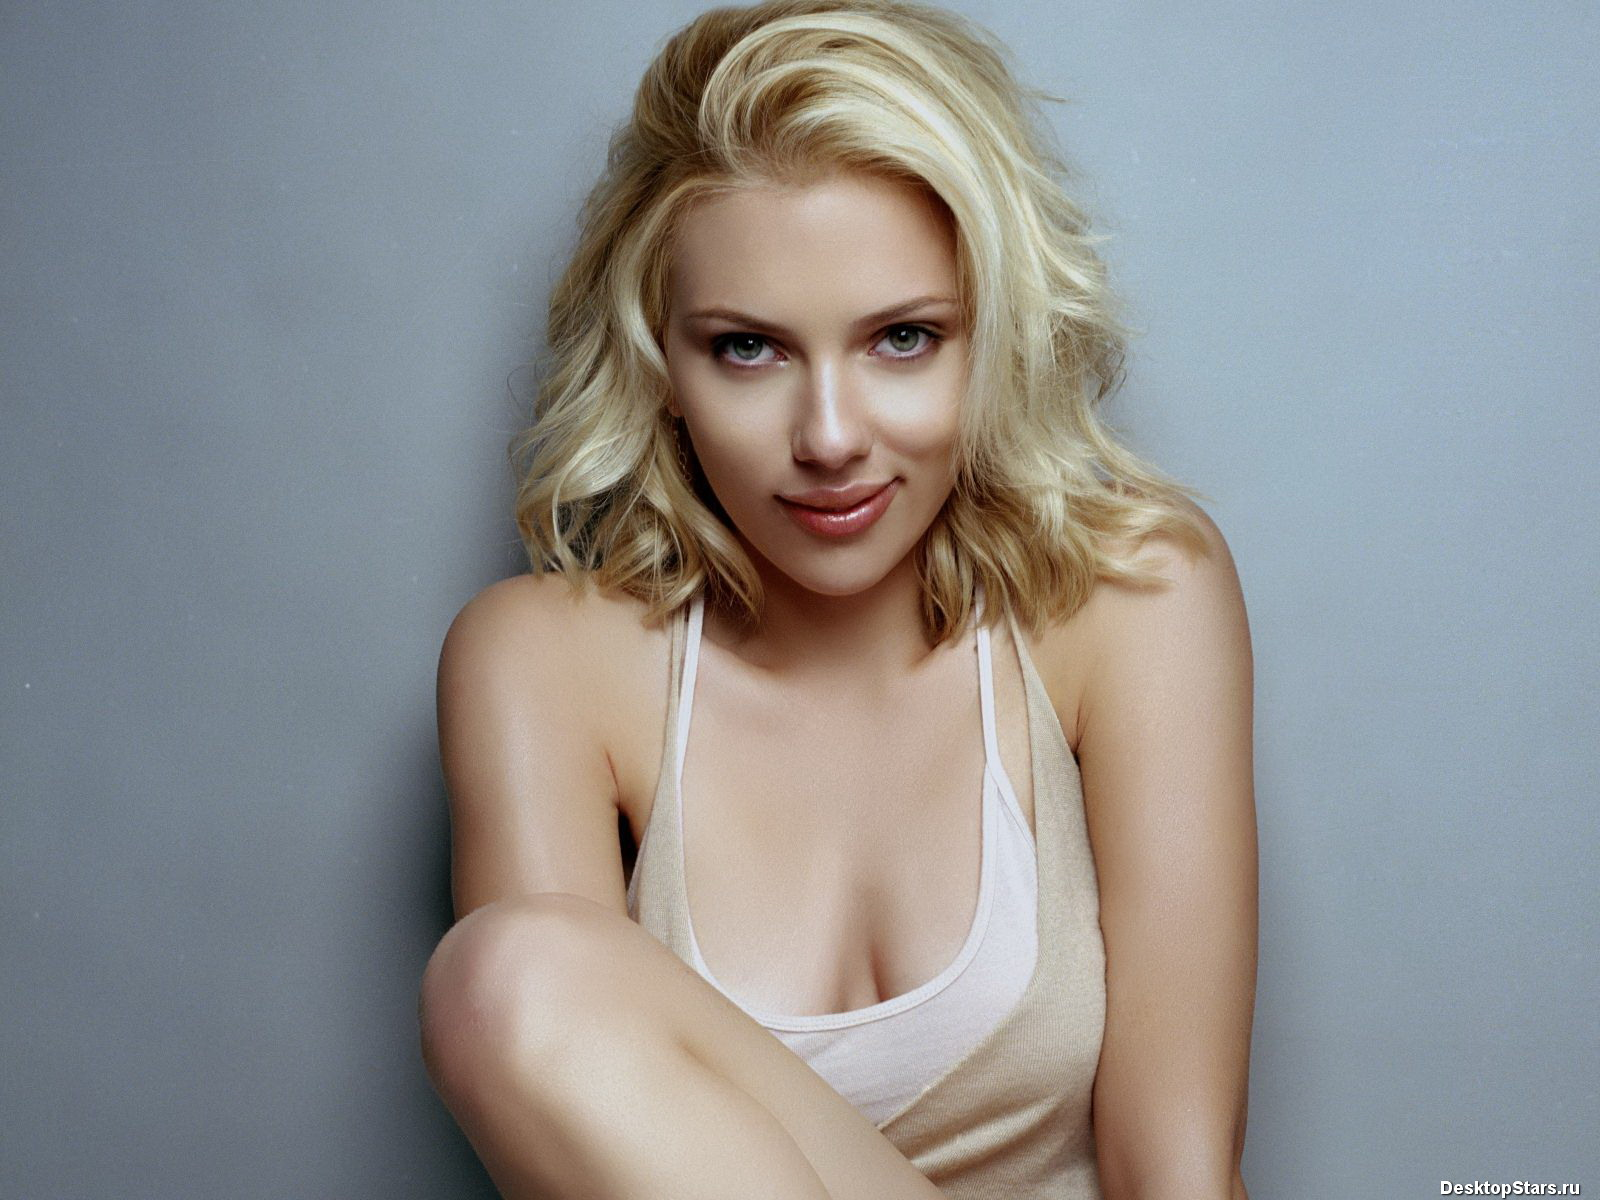 http://1.bp.blogspot.com/-K5LnHbCGWBM/TsxkKCimy9I/AAAAAAAAAuU/wNVqp2IjrgA/s1600/Scarlett-Johansson-1600x1200-003.jpg